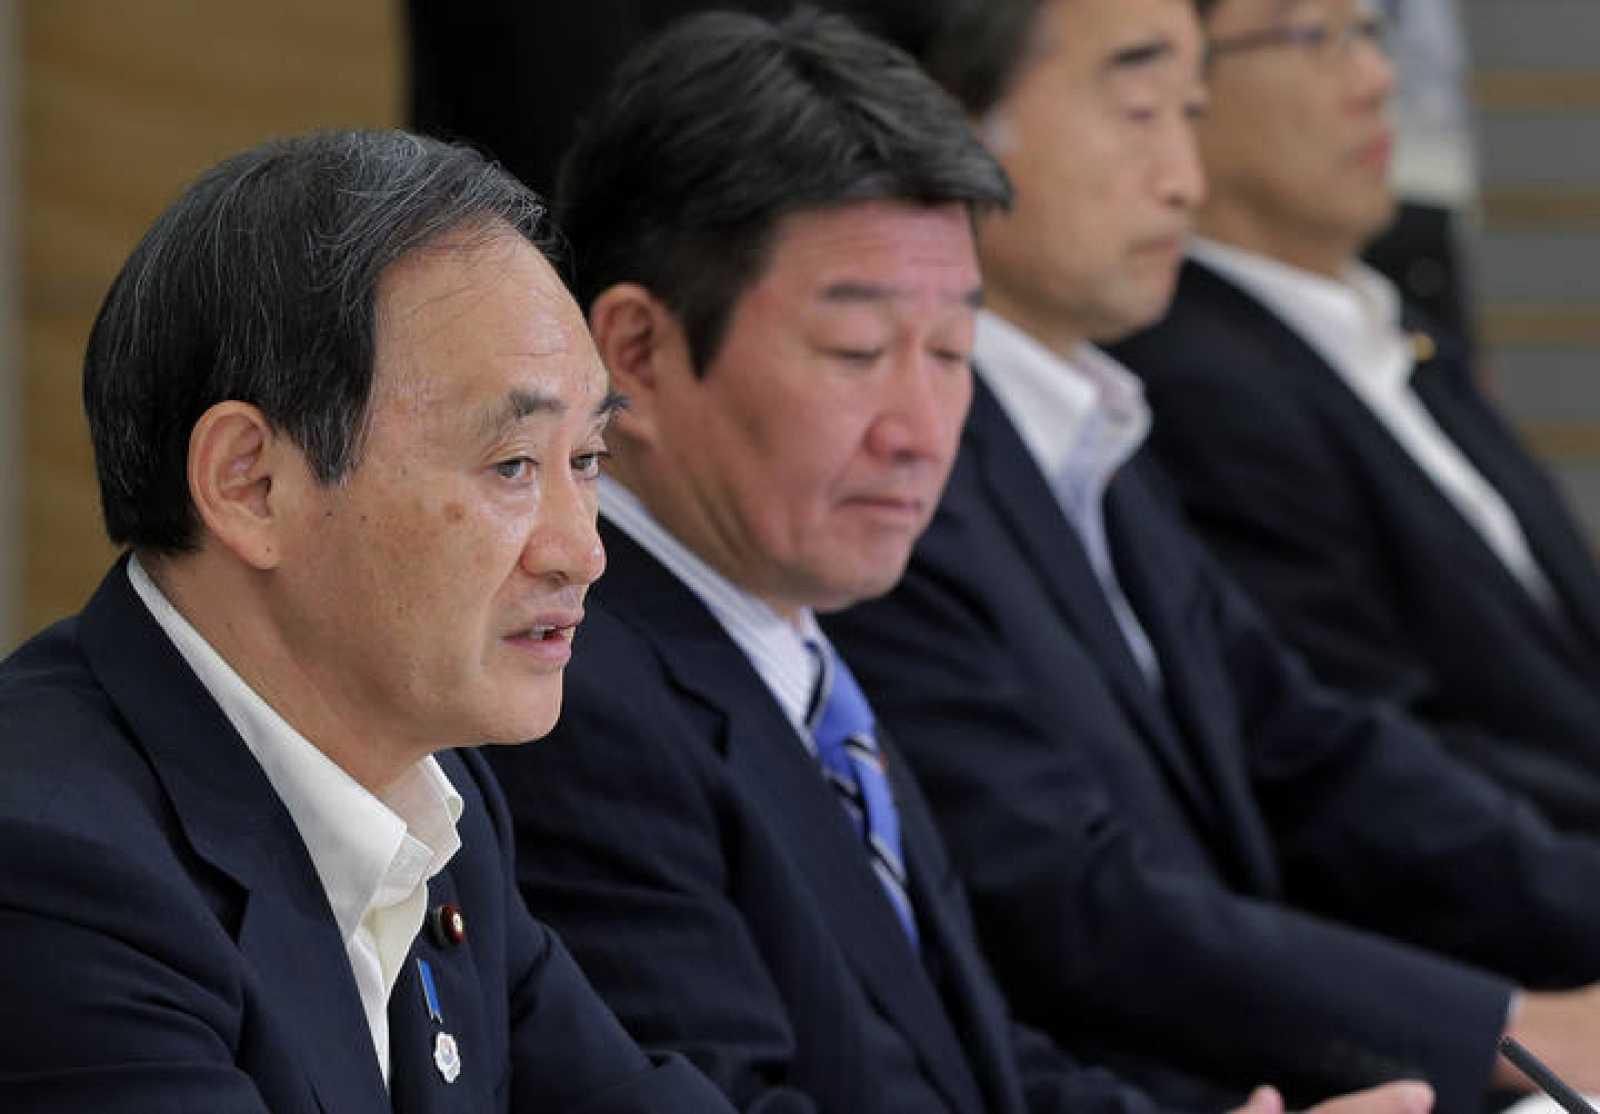 El secretario jefe del gabinete de japón, Yoshihide Suga de Japón, habla en la primera reunión de gabinete de los reactores nucleares de desmantelamiento y del control de la contaminación radiactiva de fugas de agua en la central de Fukushima.